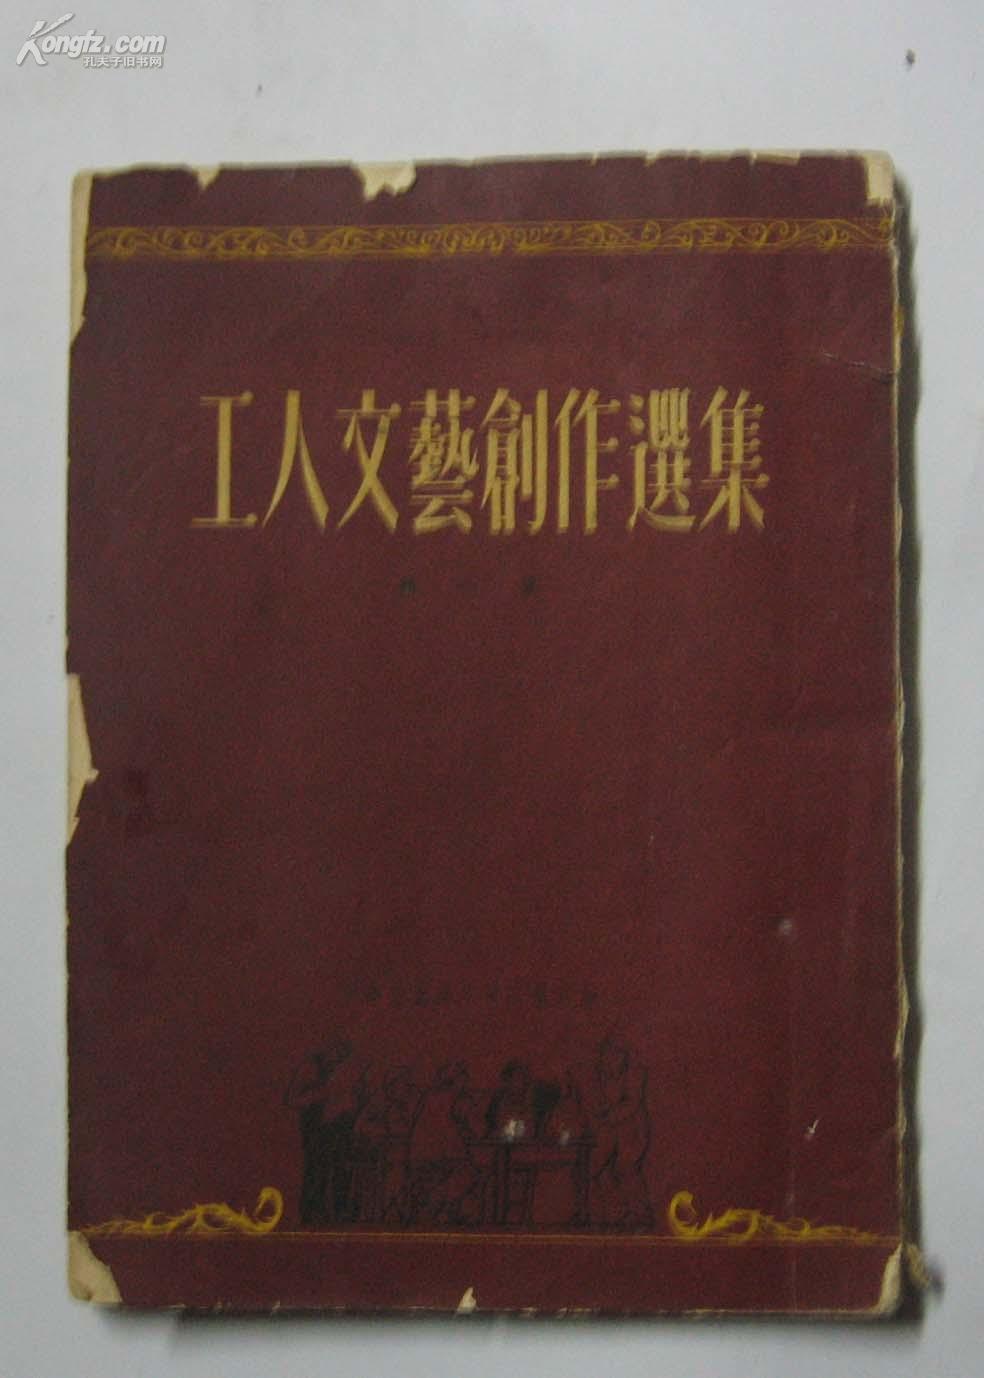 工人文艺创作选集'第一集'(1951年1版1印).